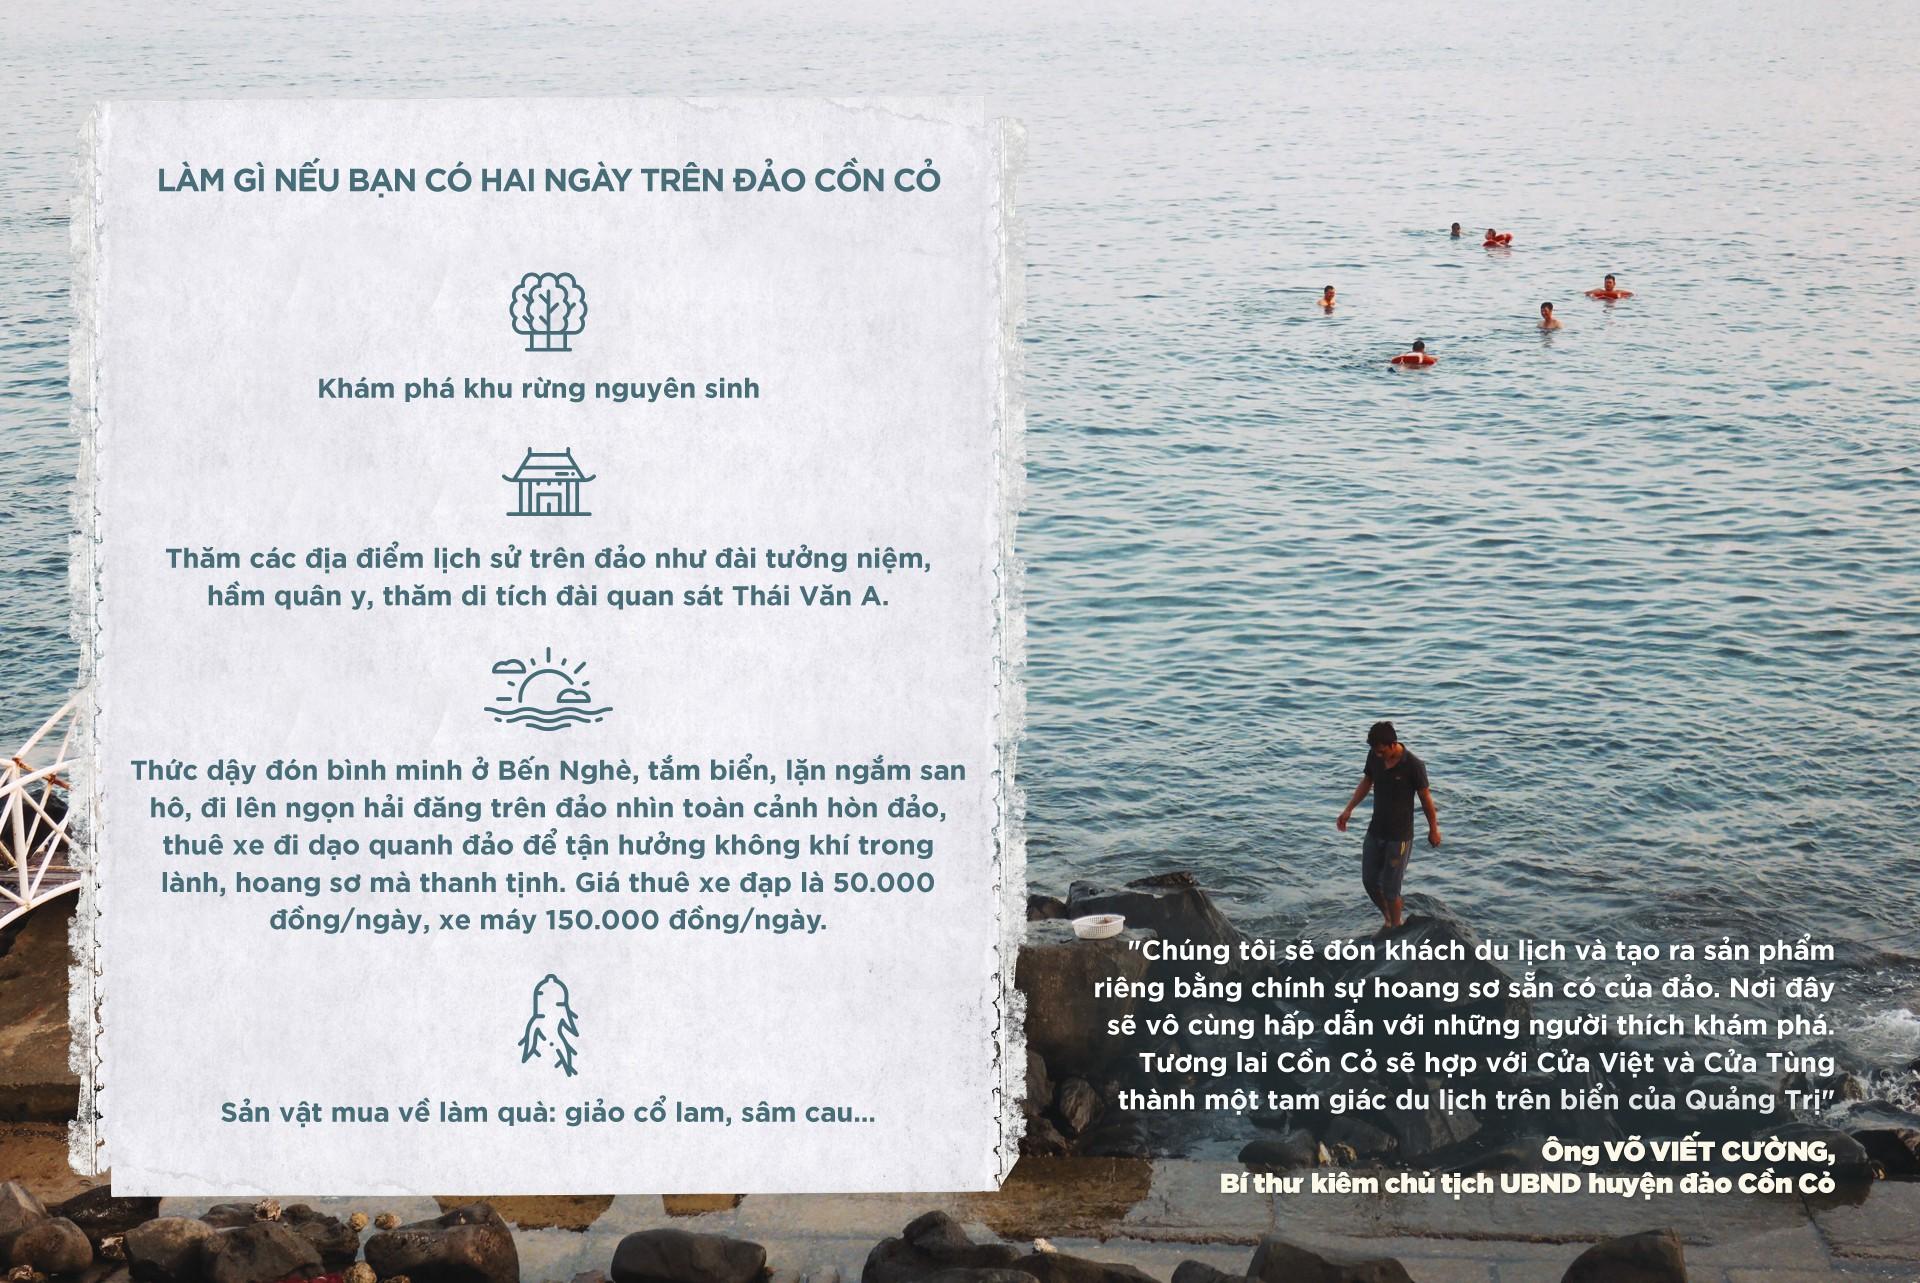 Cồn Cỏ - từ đảo thép thành đảo ngọc - Ảnh 19.